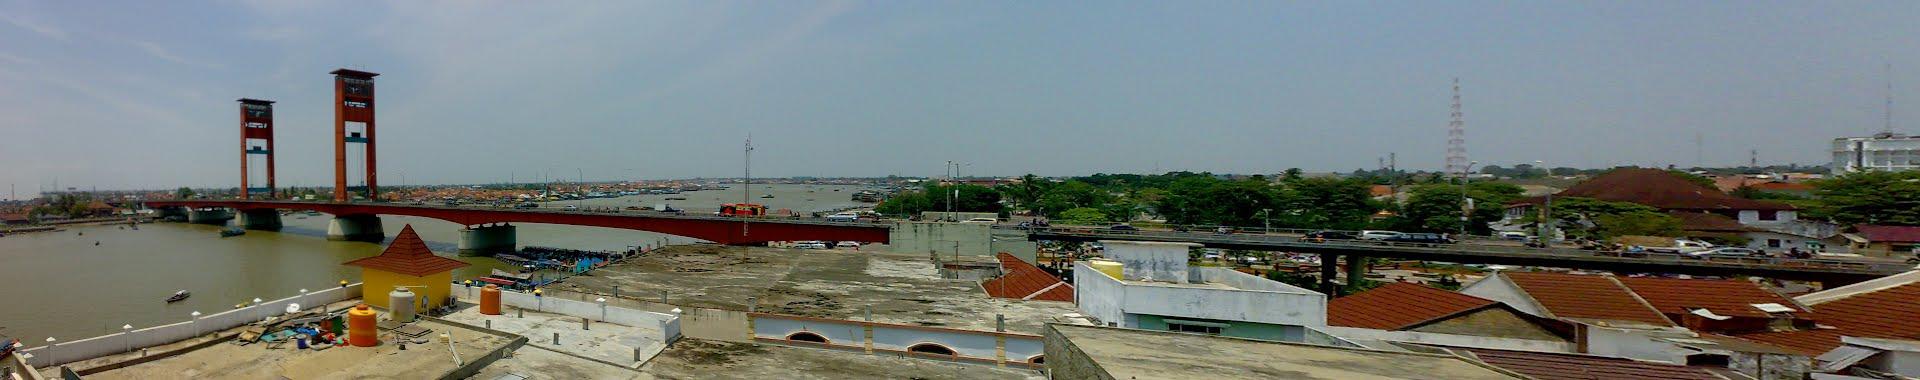 Palembang_Panorama